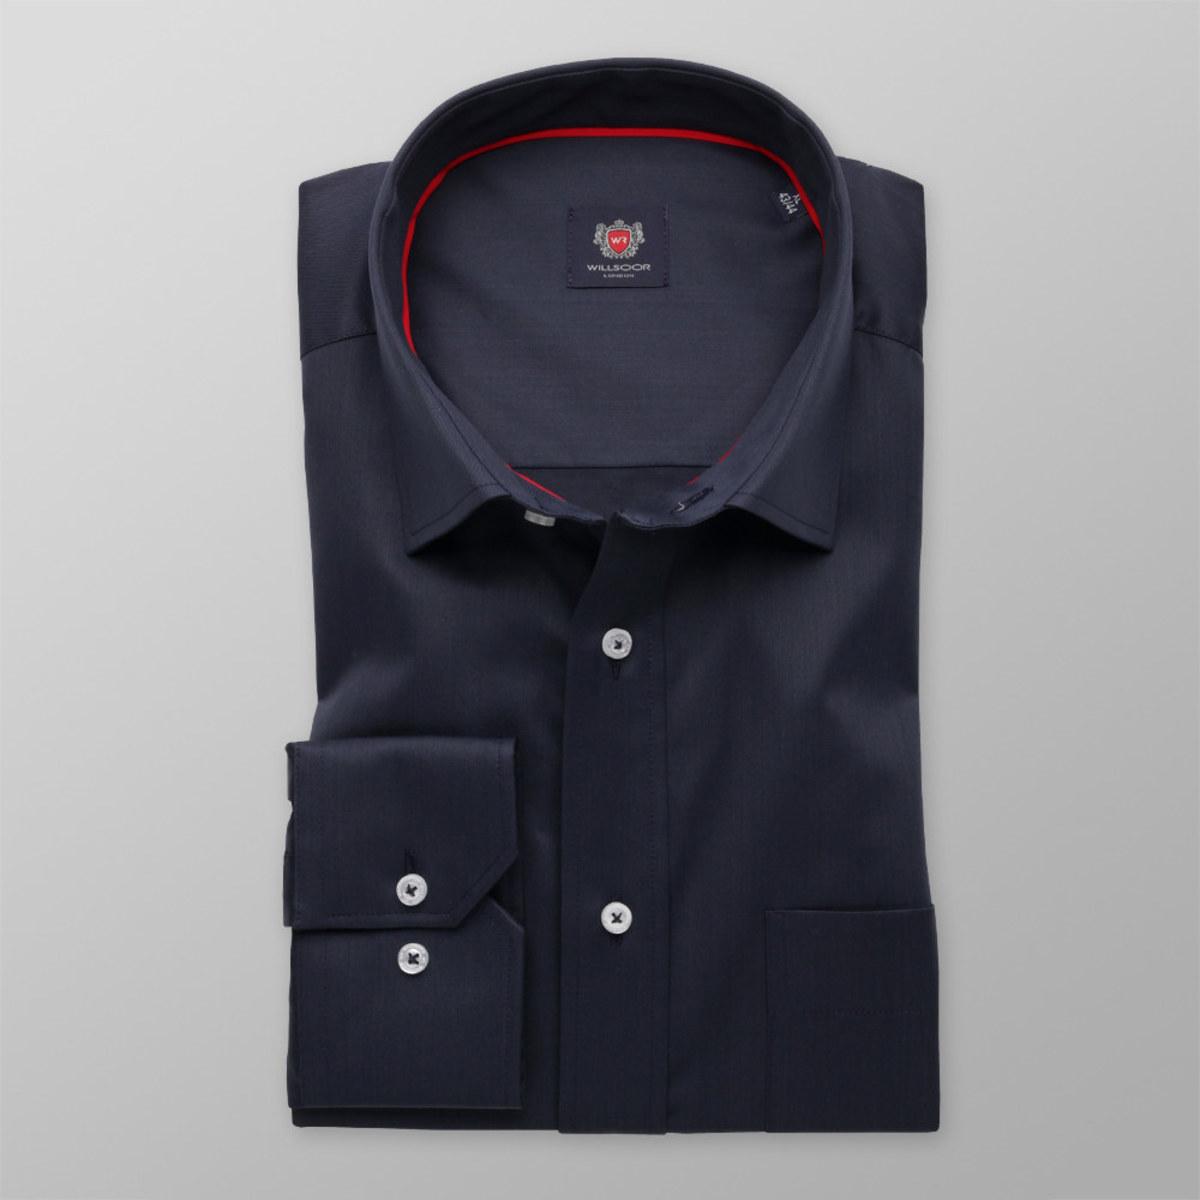 Pánská klasická košile London (výška 198-204) 8324 v modré barvě 198-204 / XL (Límeček 43/44)